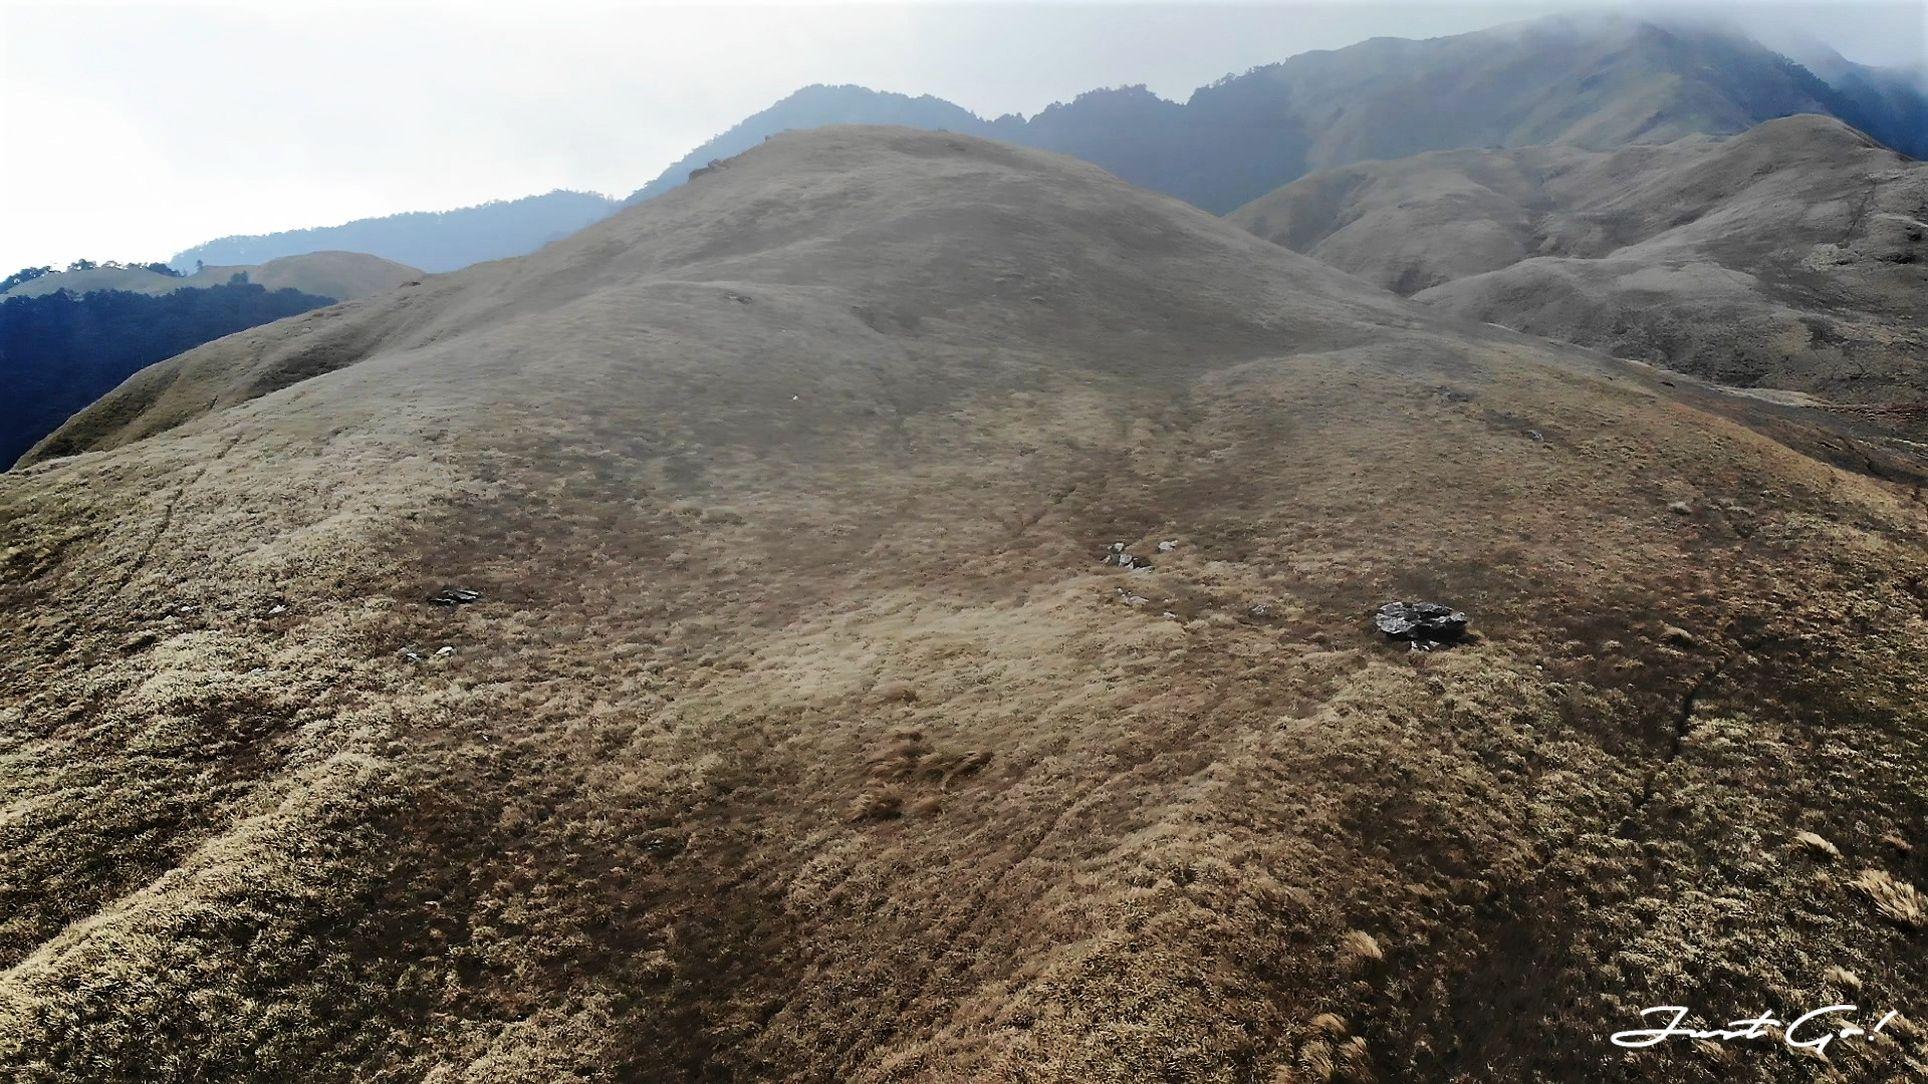 台灣 - 能高安東軍縱走自組隊-5日行程遊記、gpx路線、申請、水源40